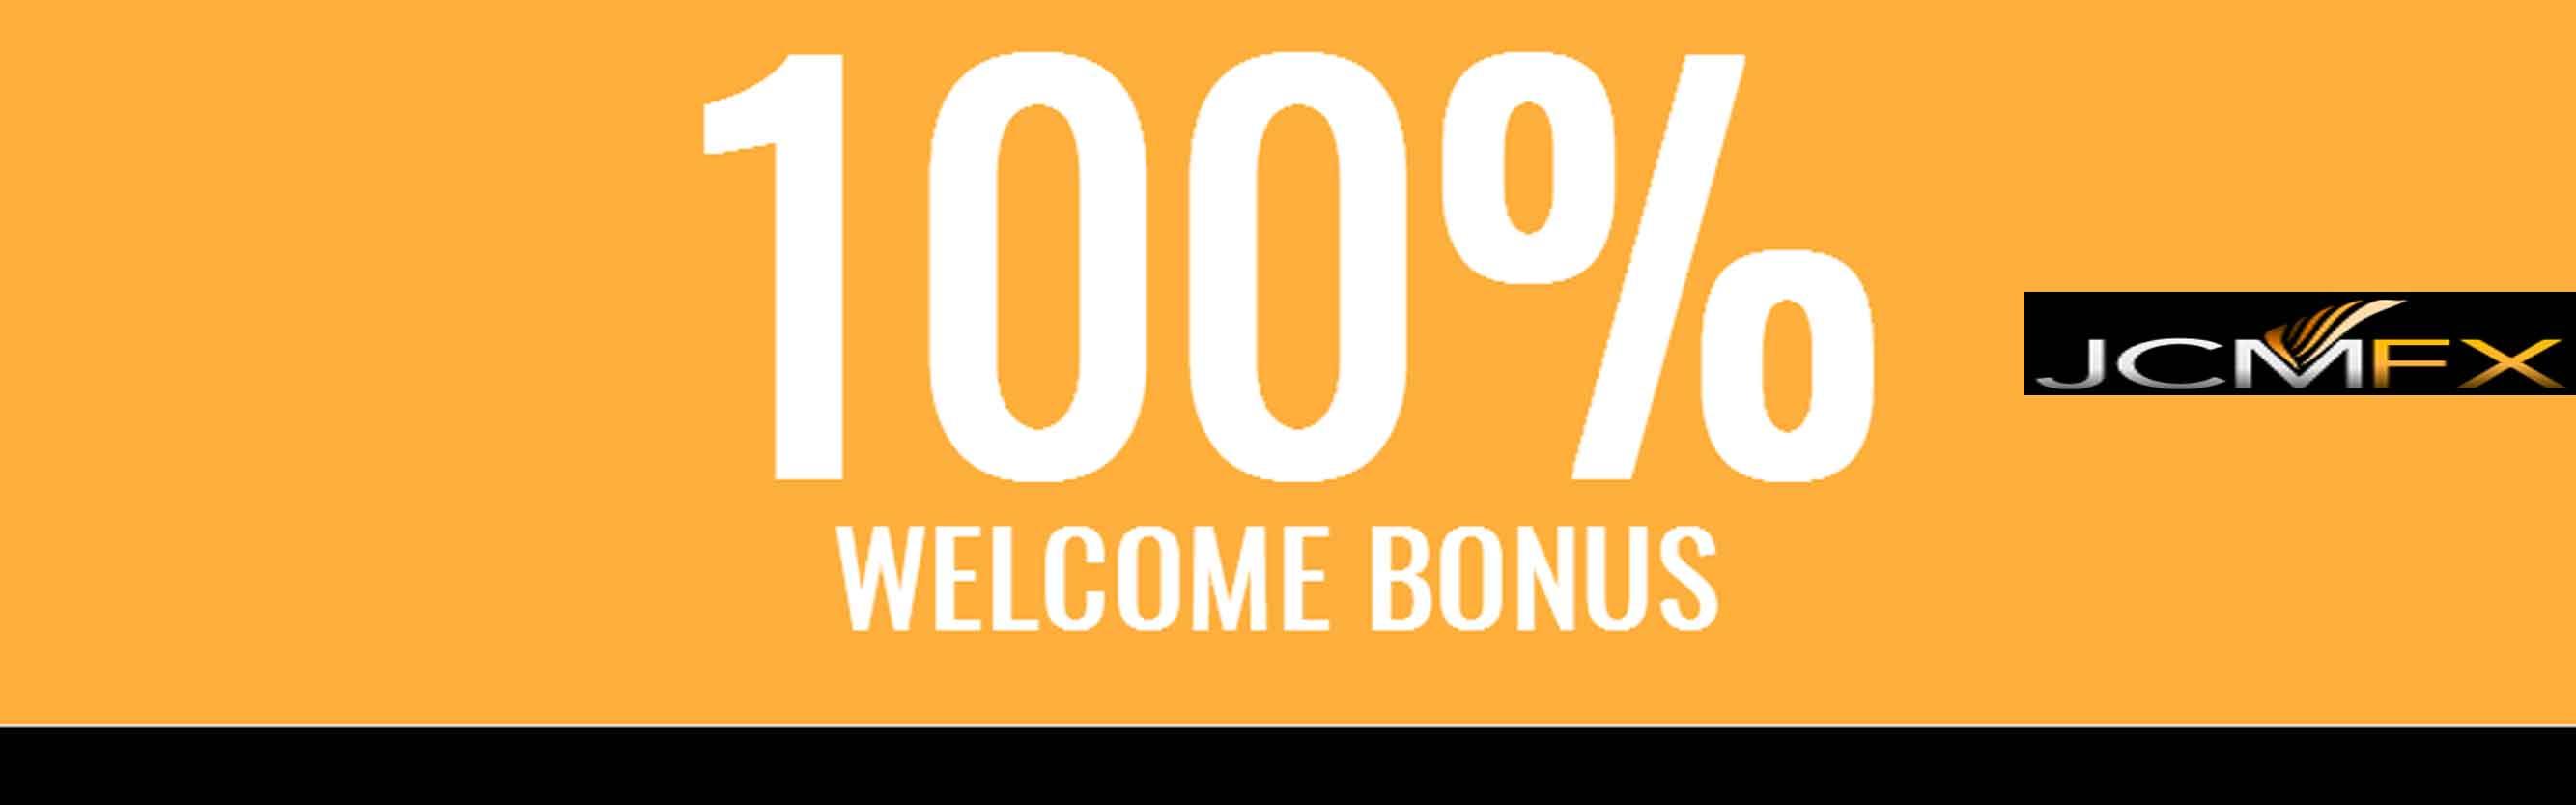 jcmfx deposit bonus